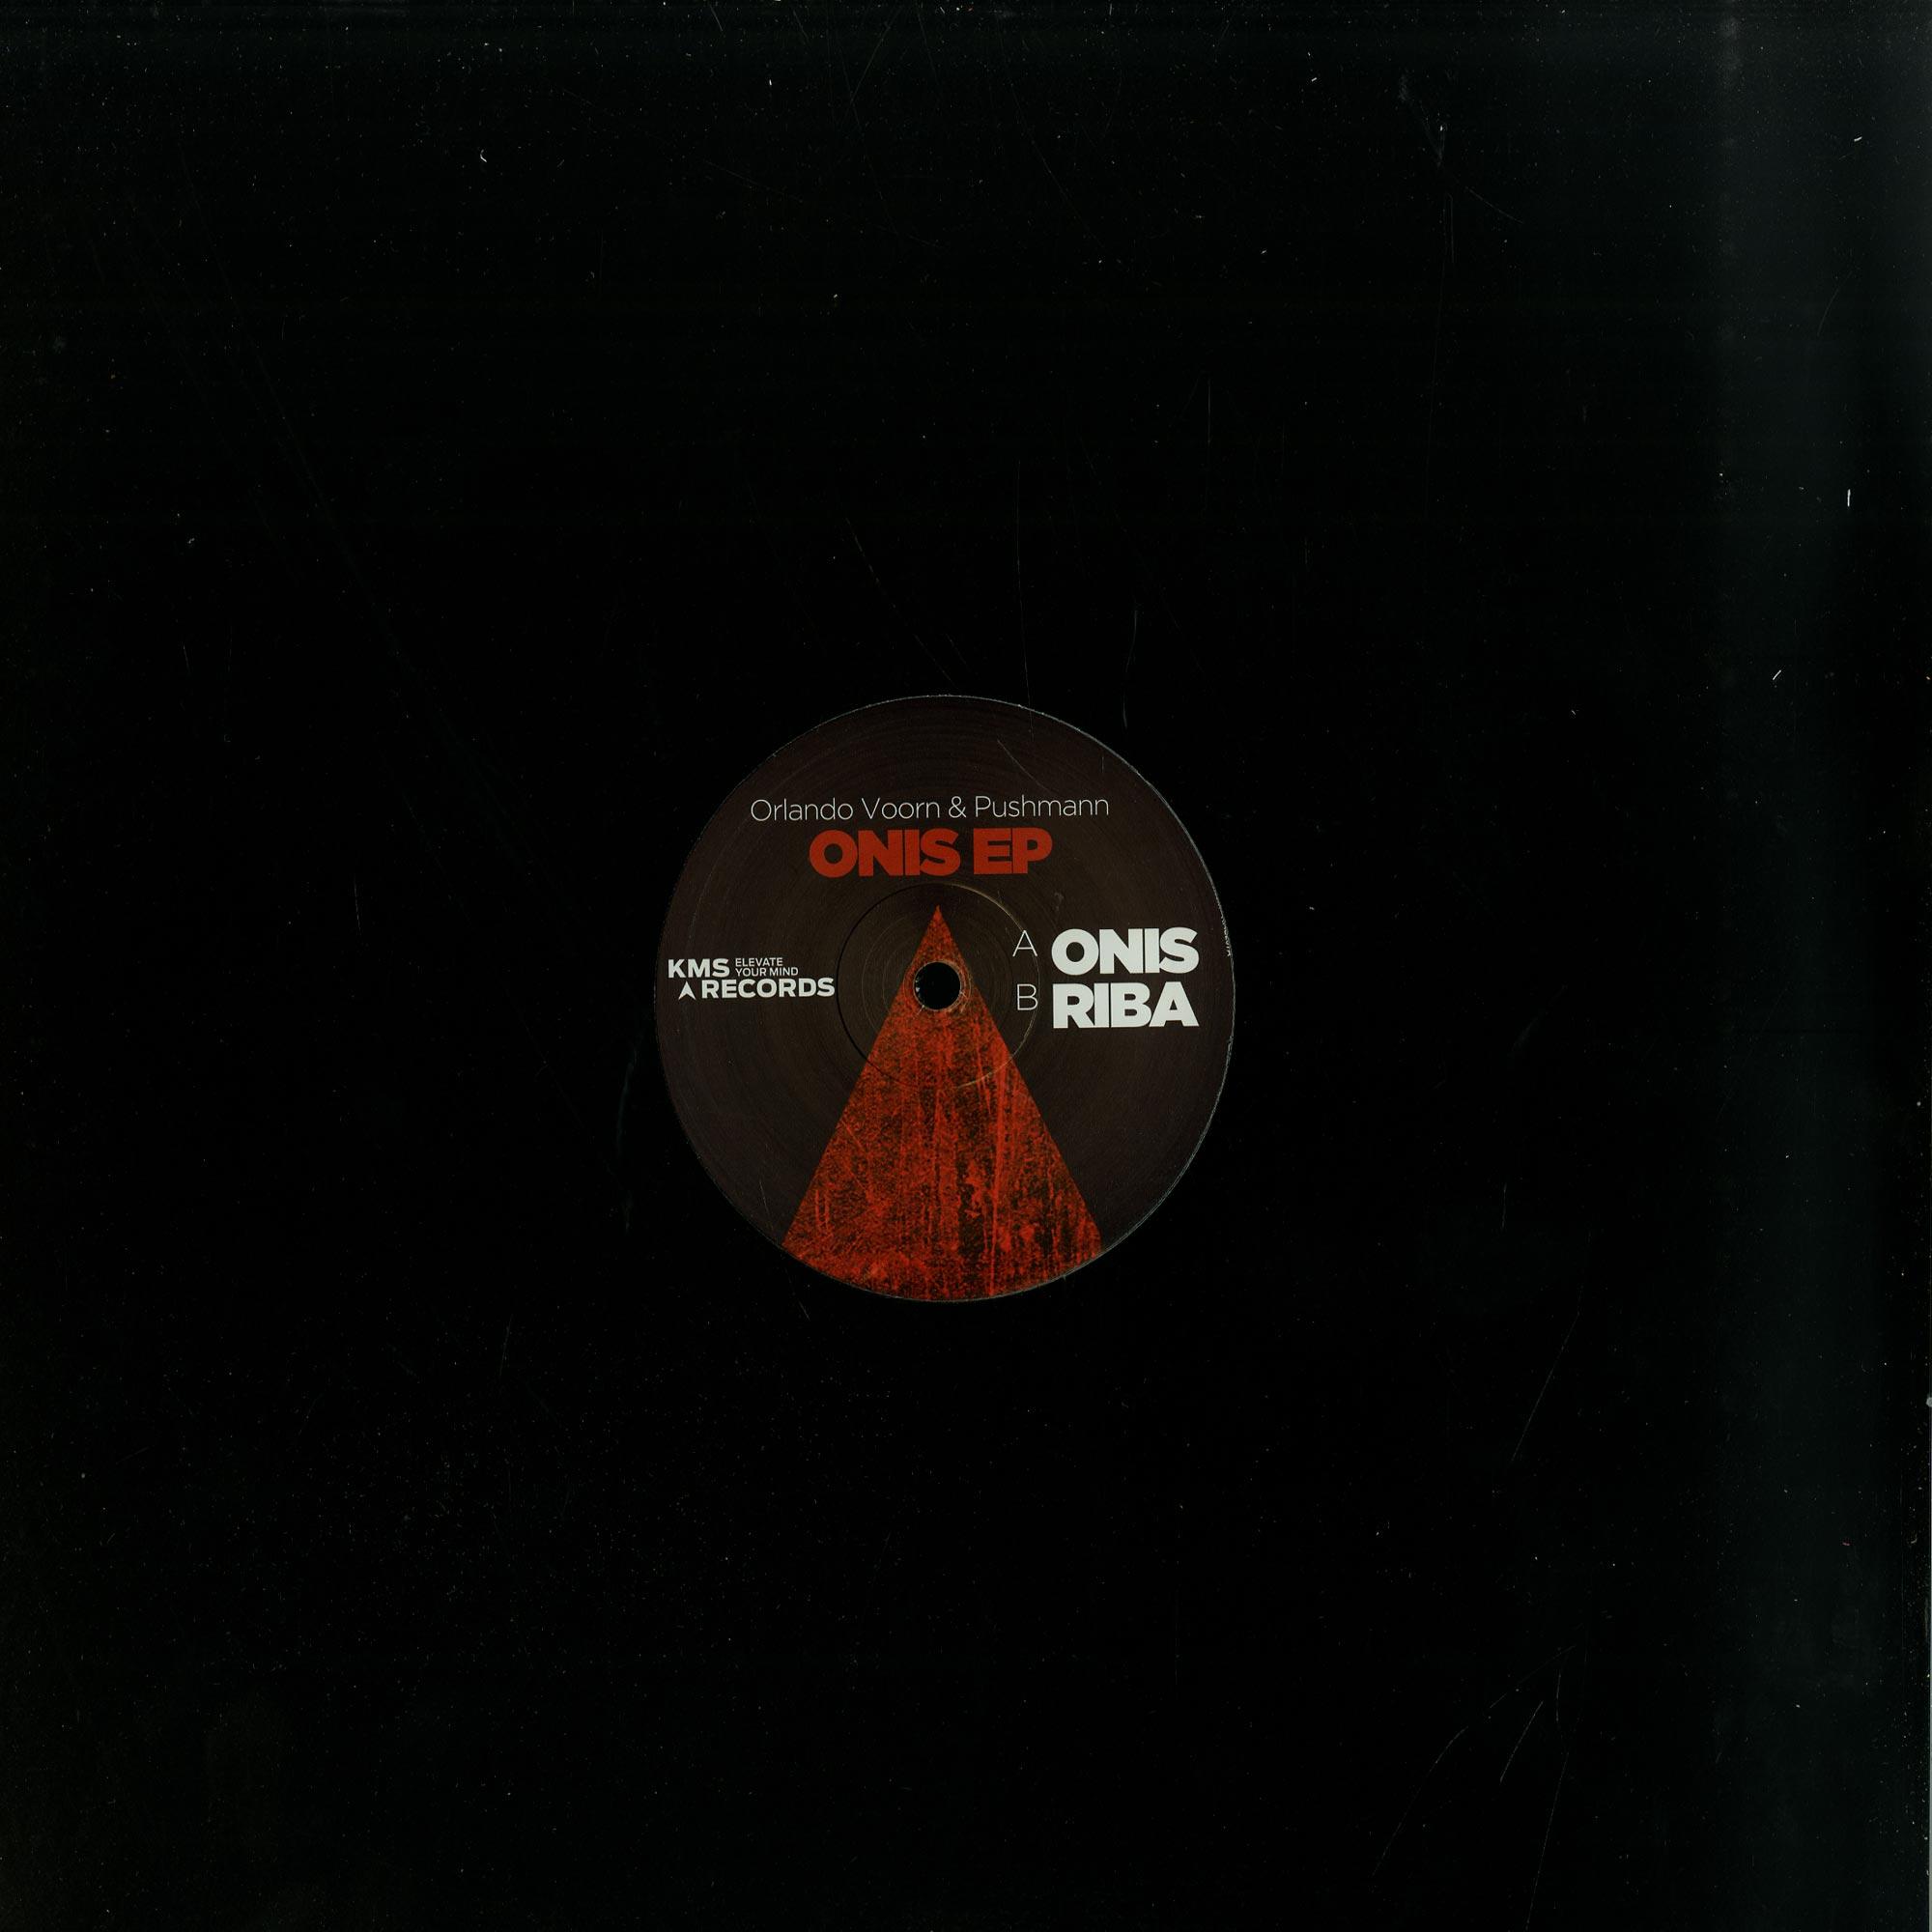 Orlando Voorn & Pushmann - ONIS EP